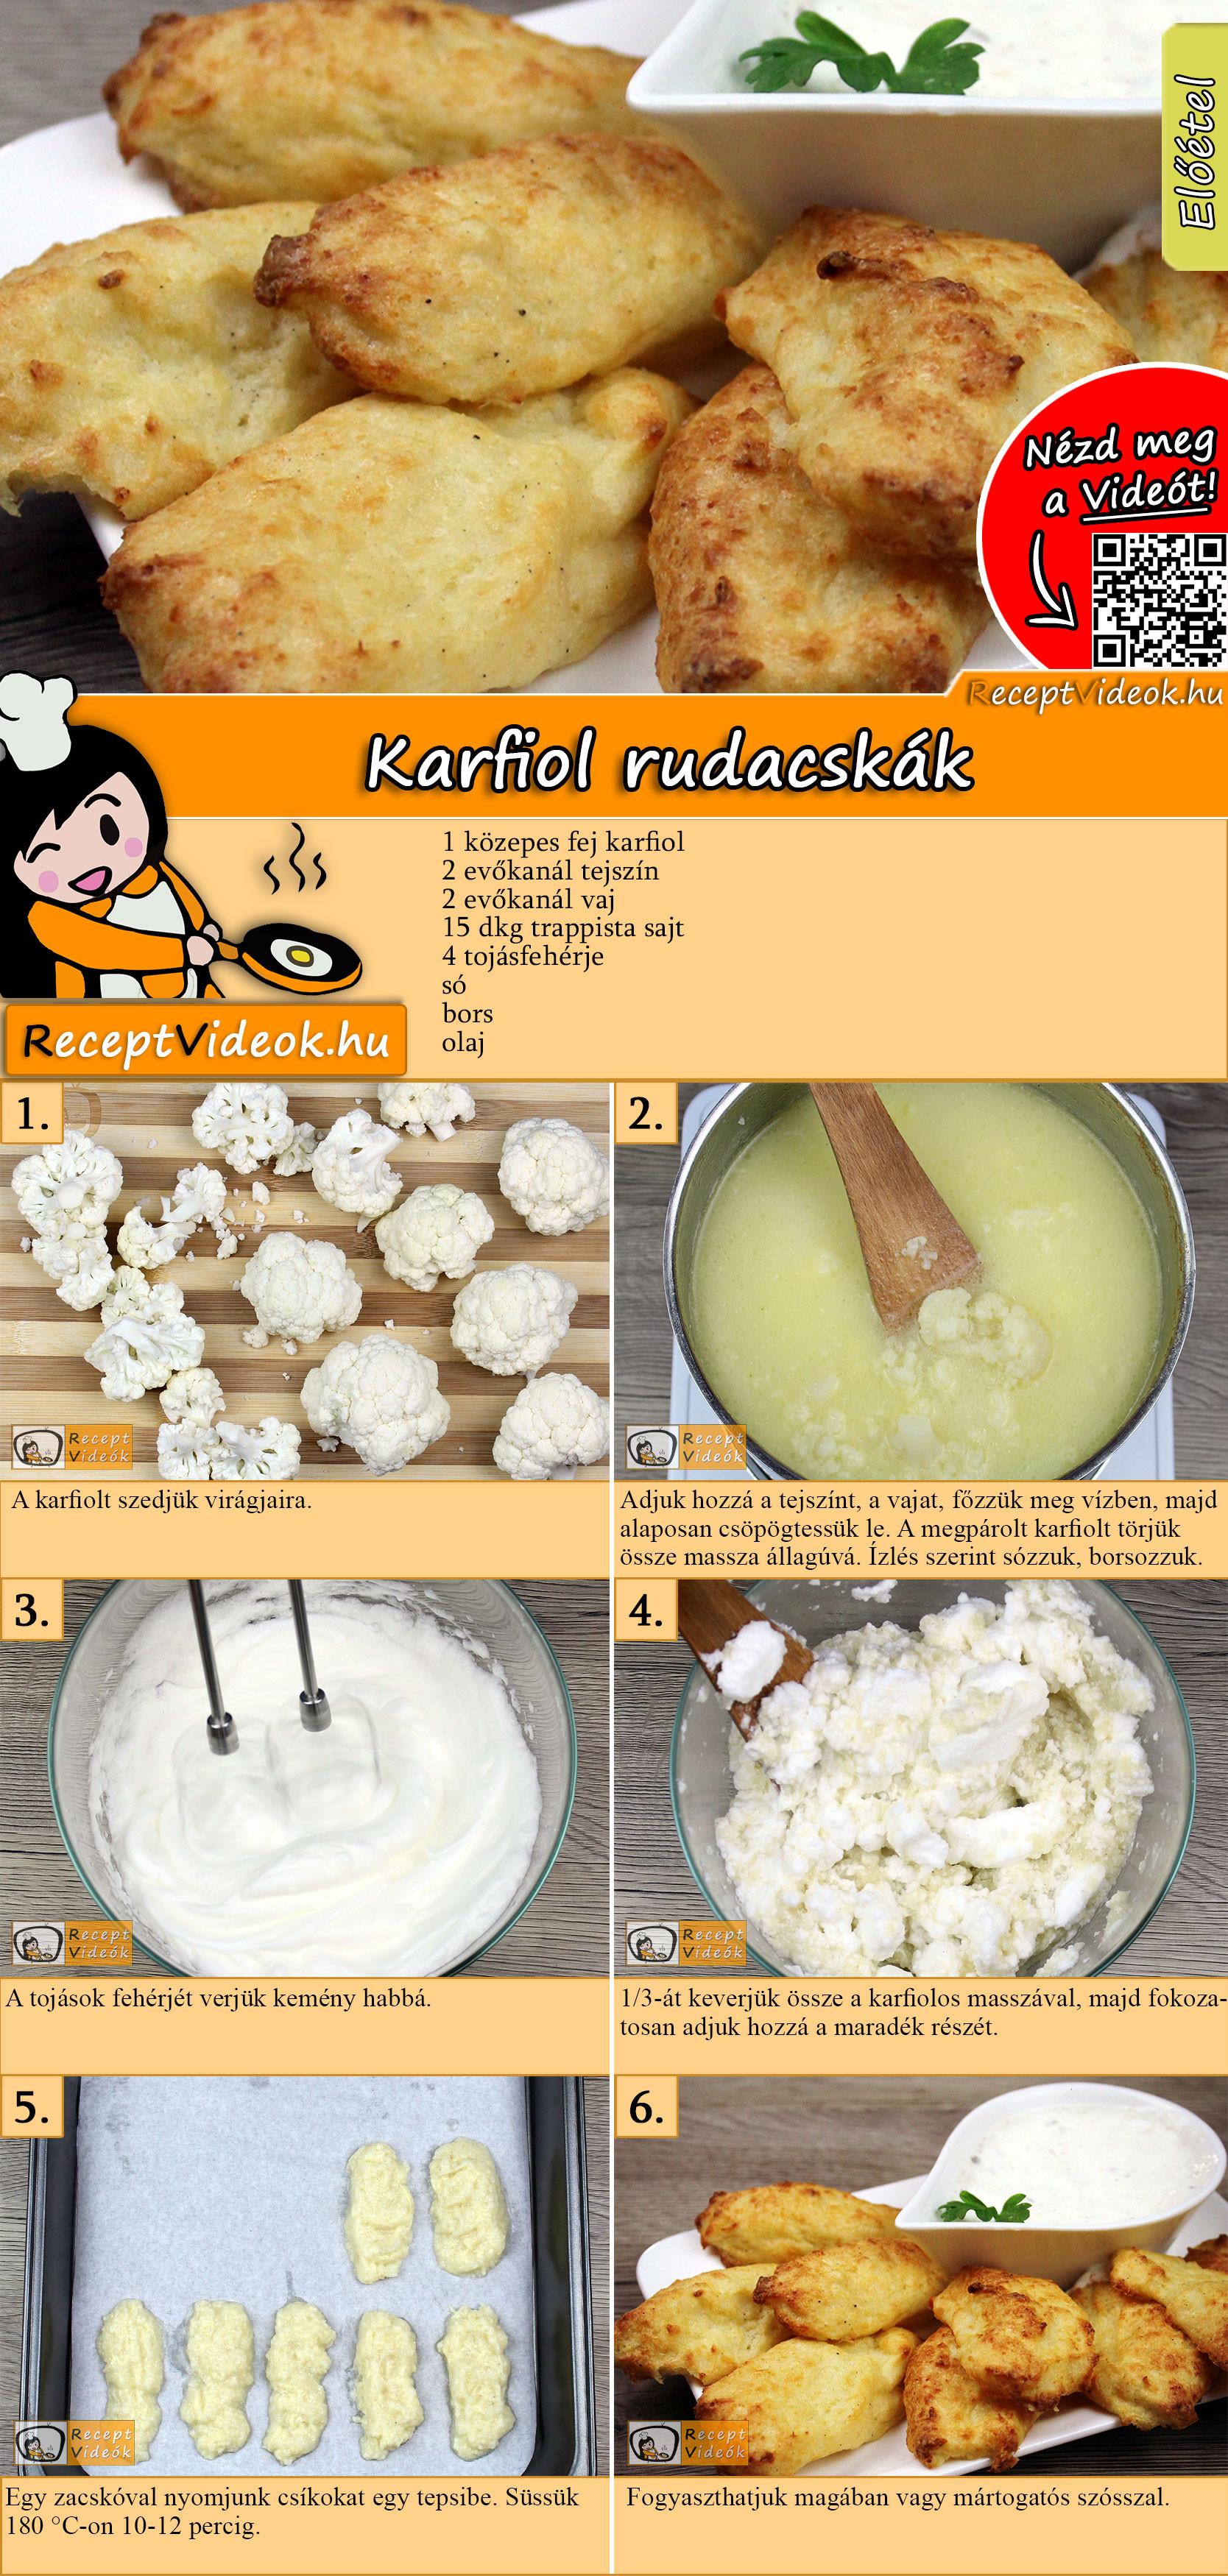 Karfiol rudacskák recept elkészítése videóval